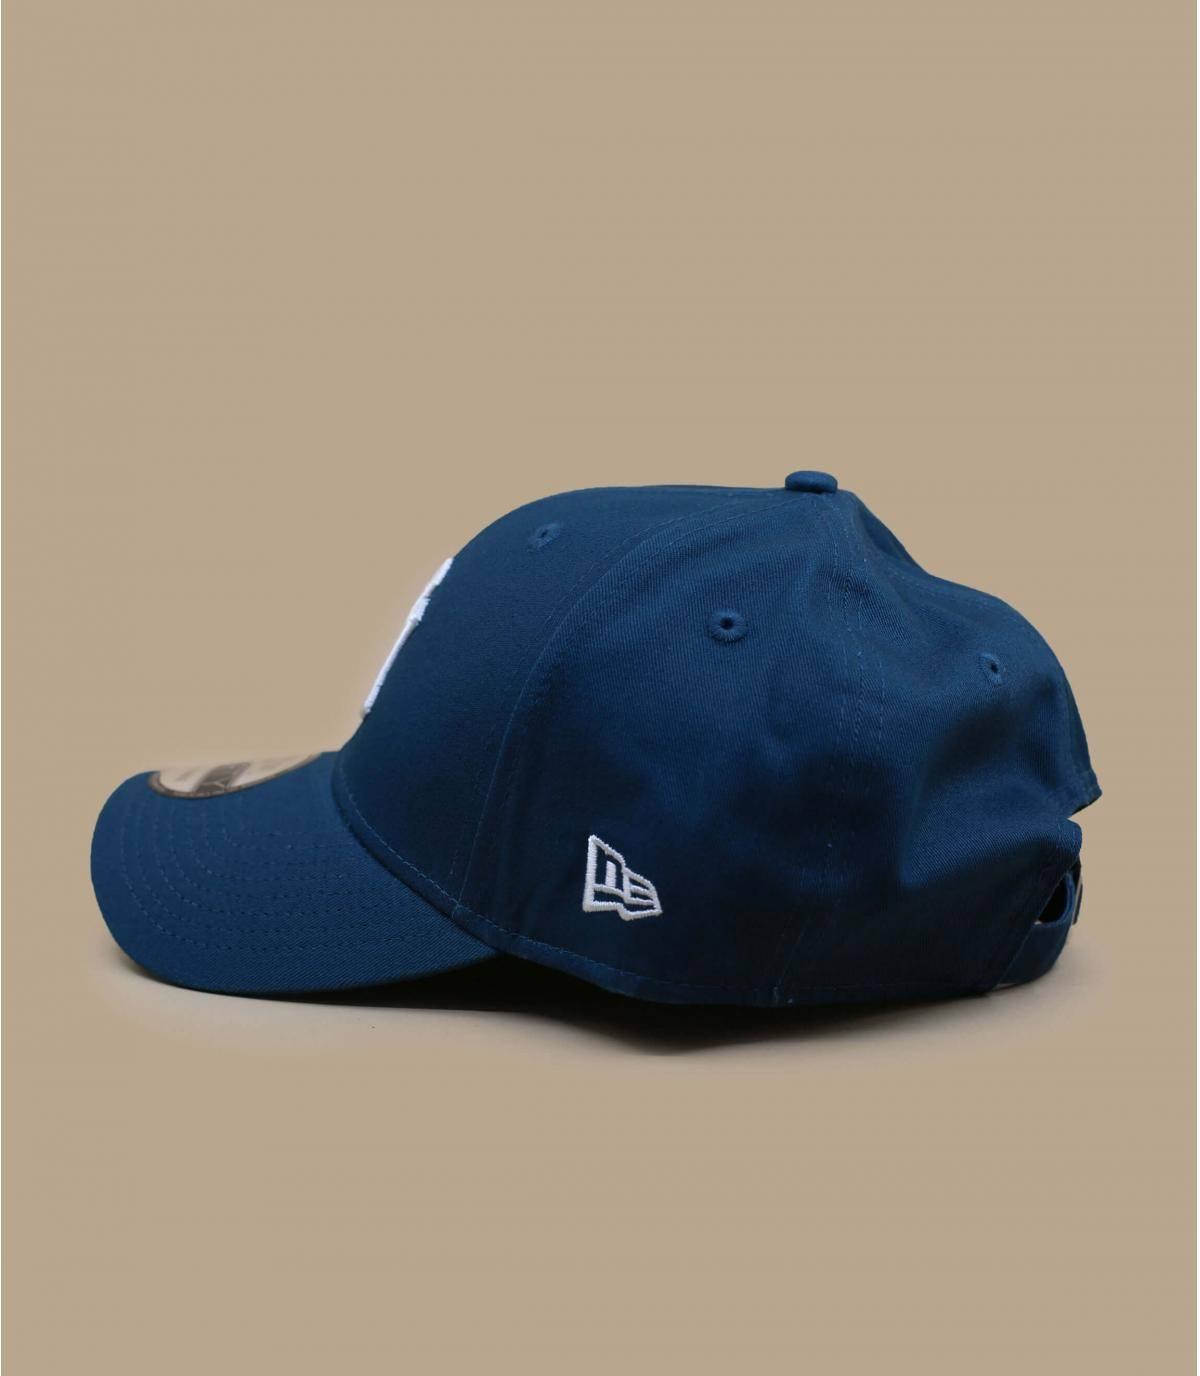 Détails Casquette League Ess 940 NY cadet blue - image 3